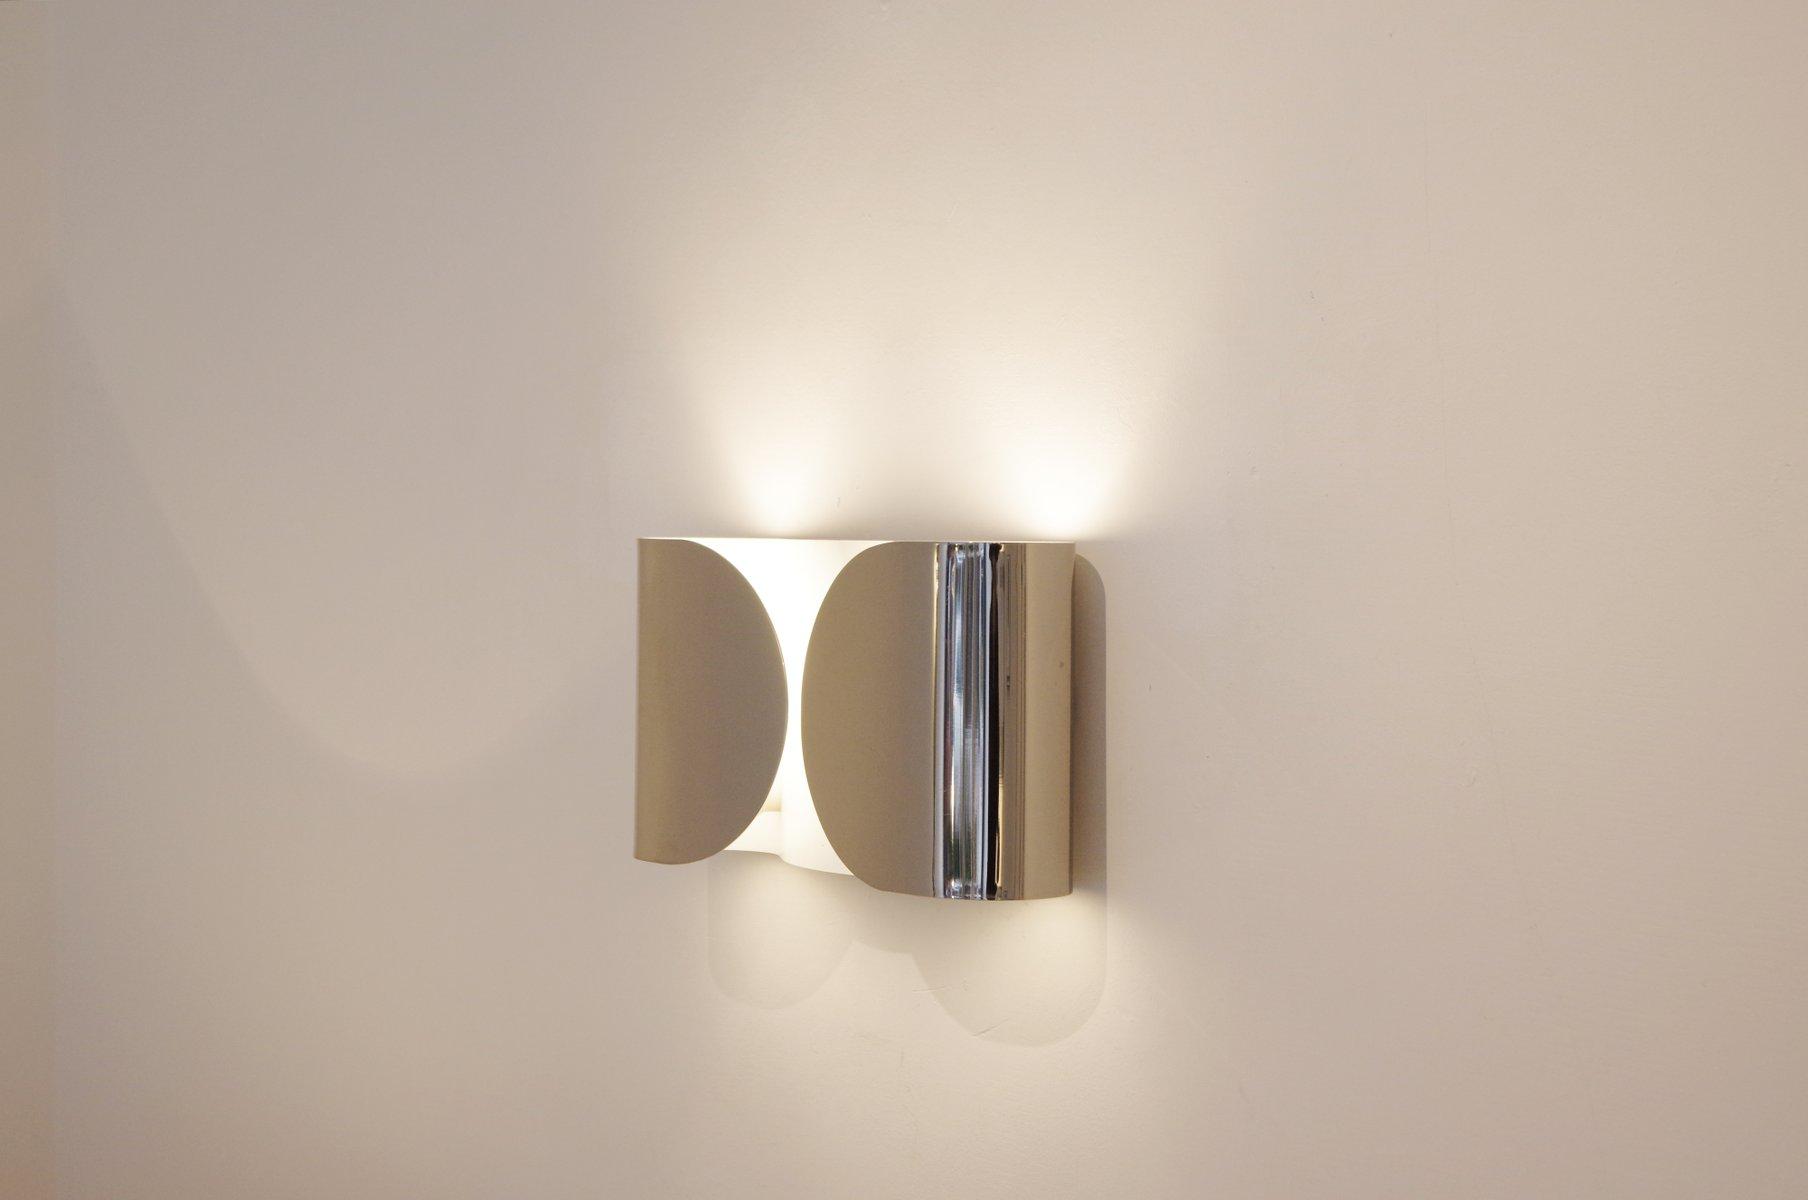 Plafoniera Flos Vintage : Applique flos vintage lampada da parete a